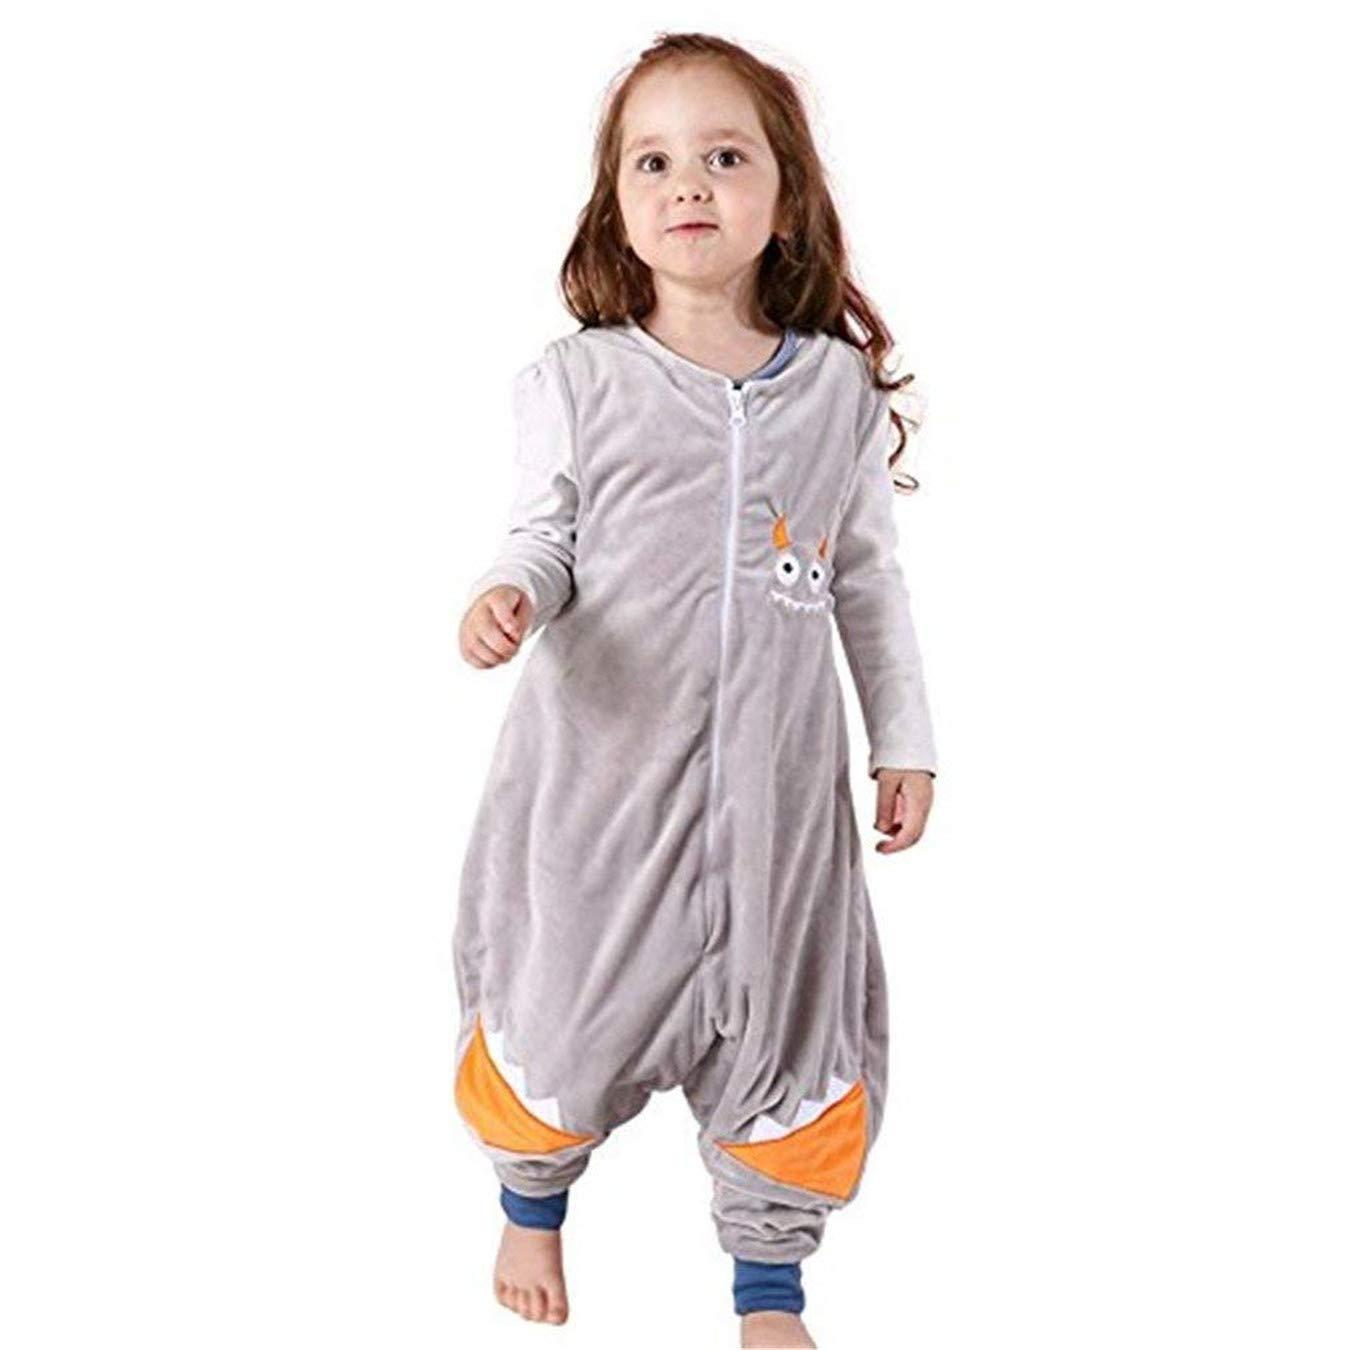 Queque Shine Sacco a pelo di flanella Sacchi nanna con piedini lettino per bambini bambina